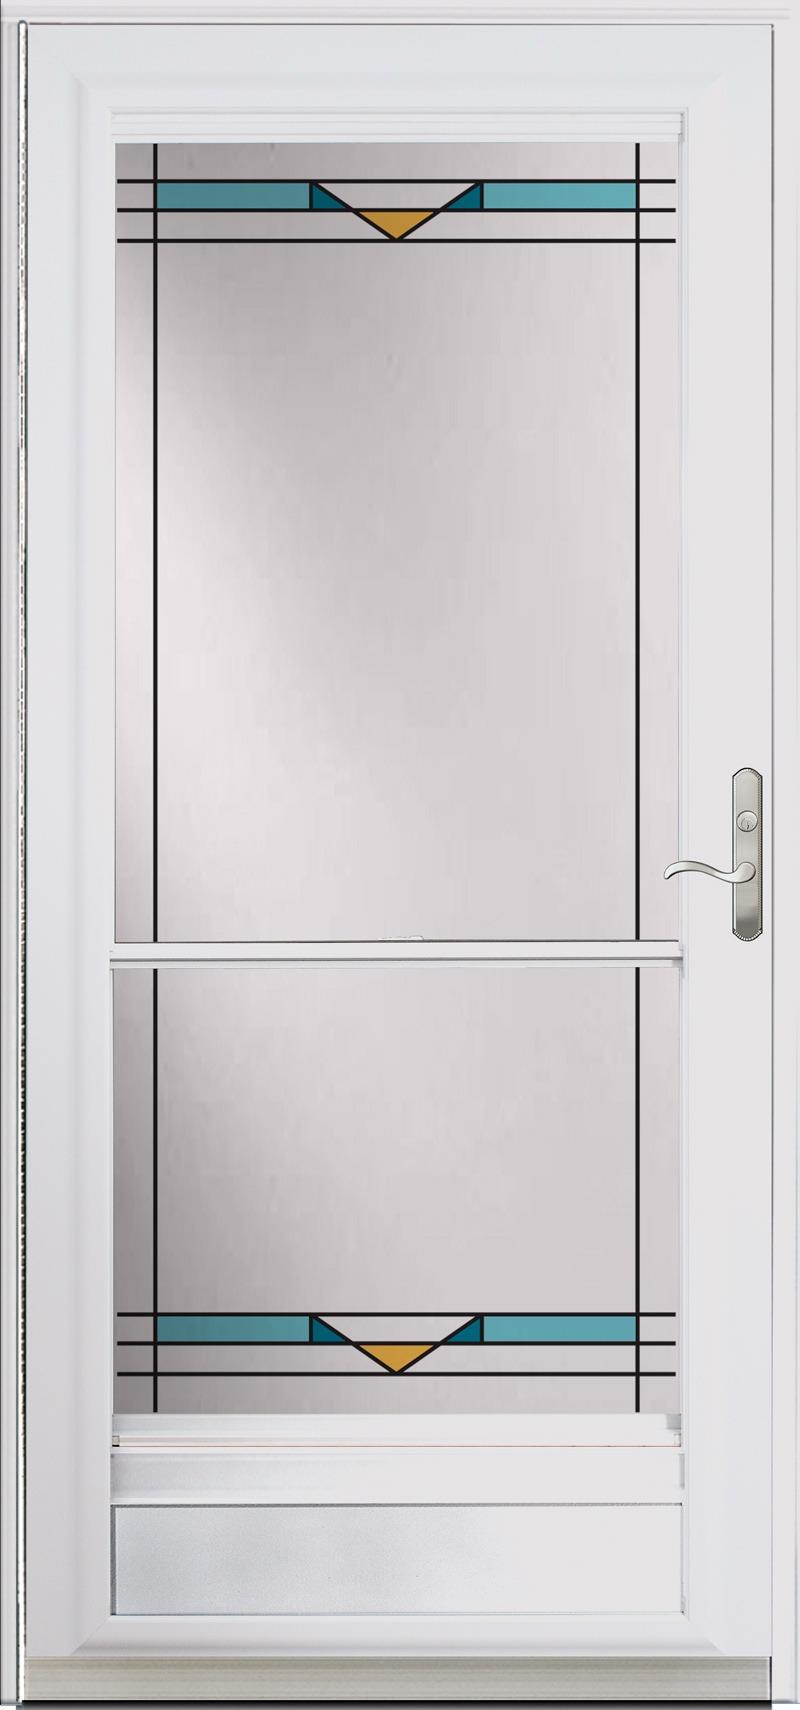 Storm Doors – Tristate Window Factory